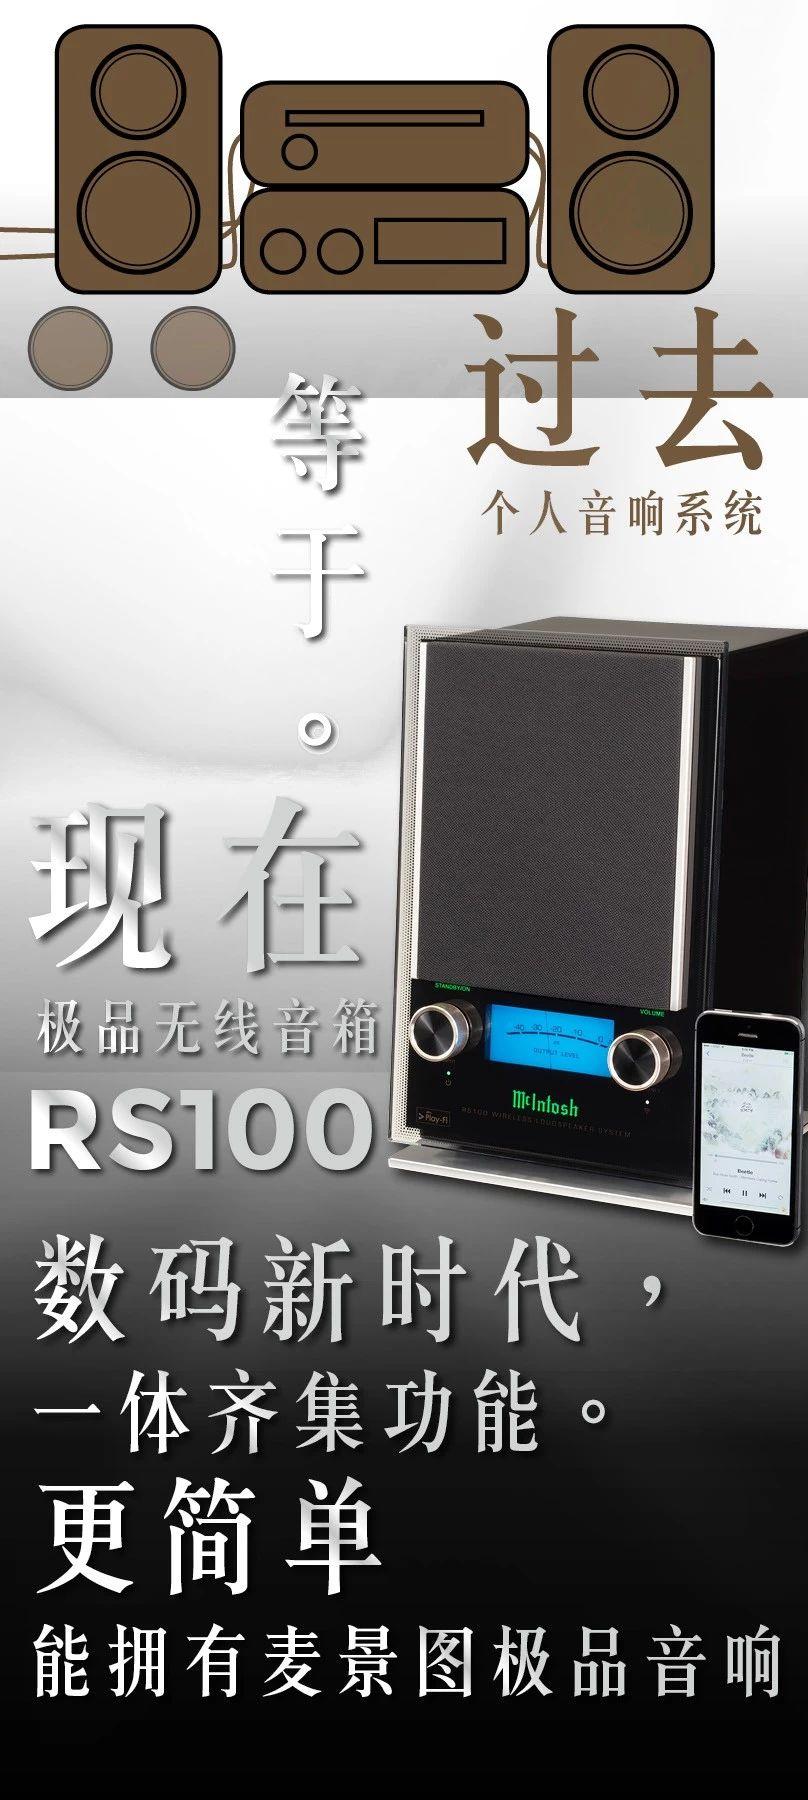 640 6 - 动态 | RS100极品无线音箱,一部音箱齐集所有功能